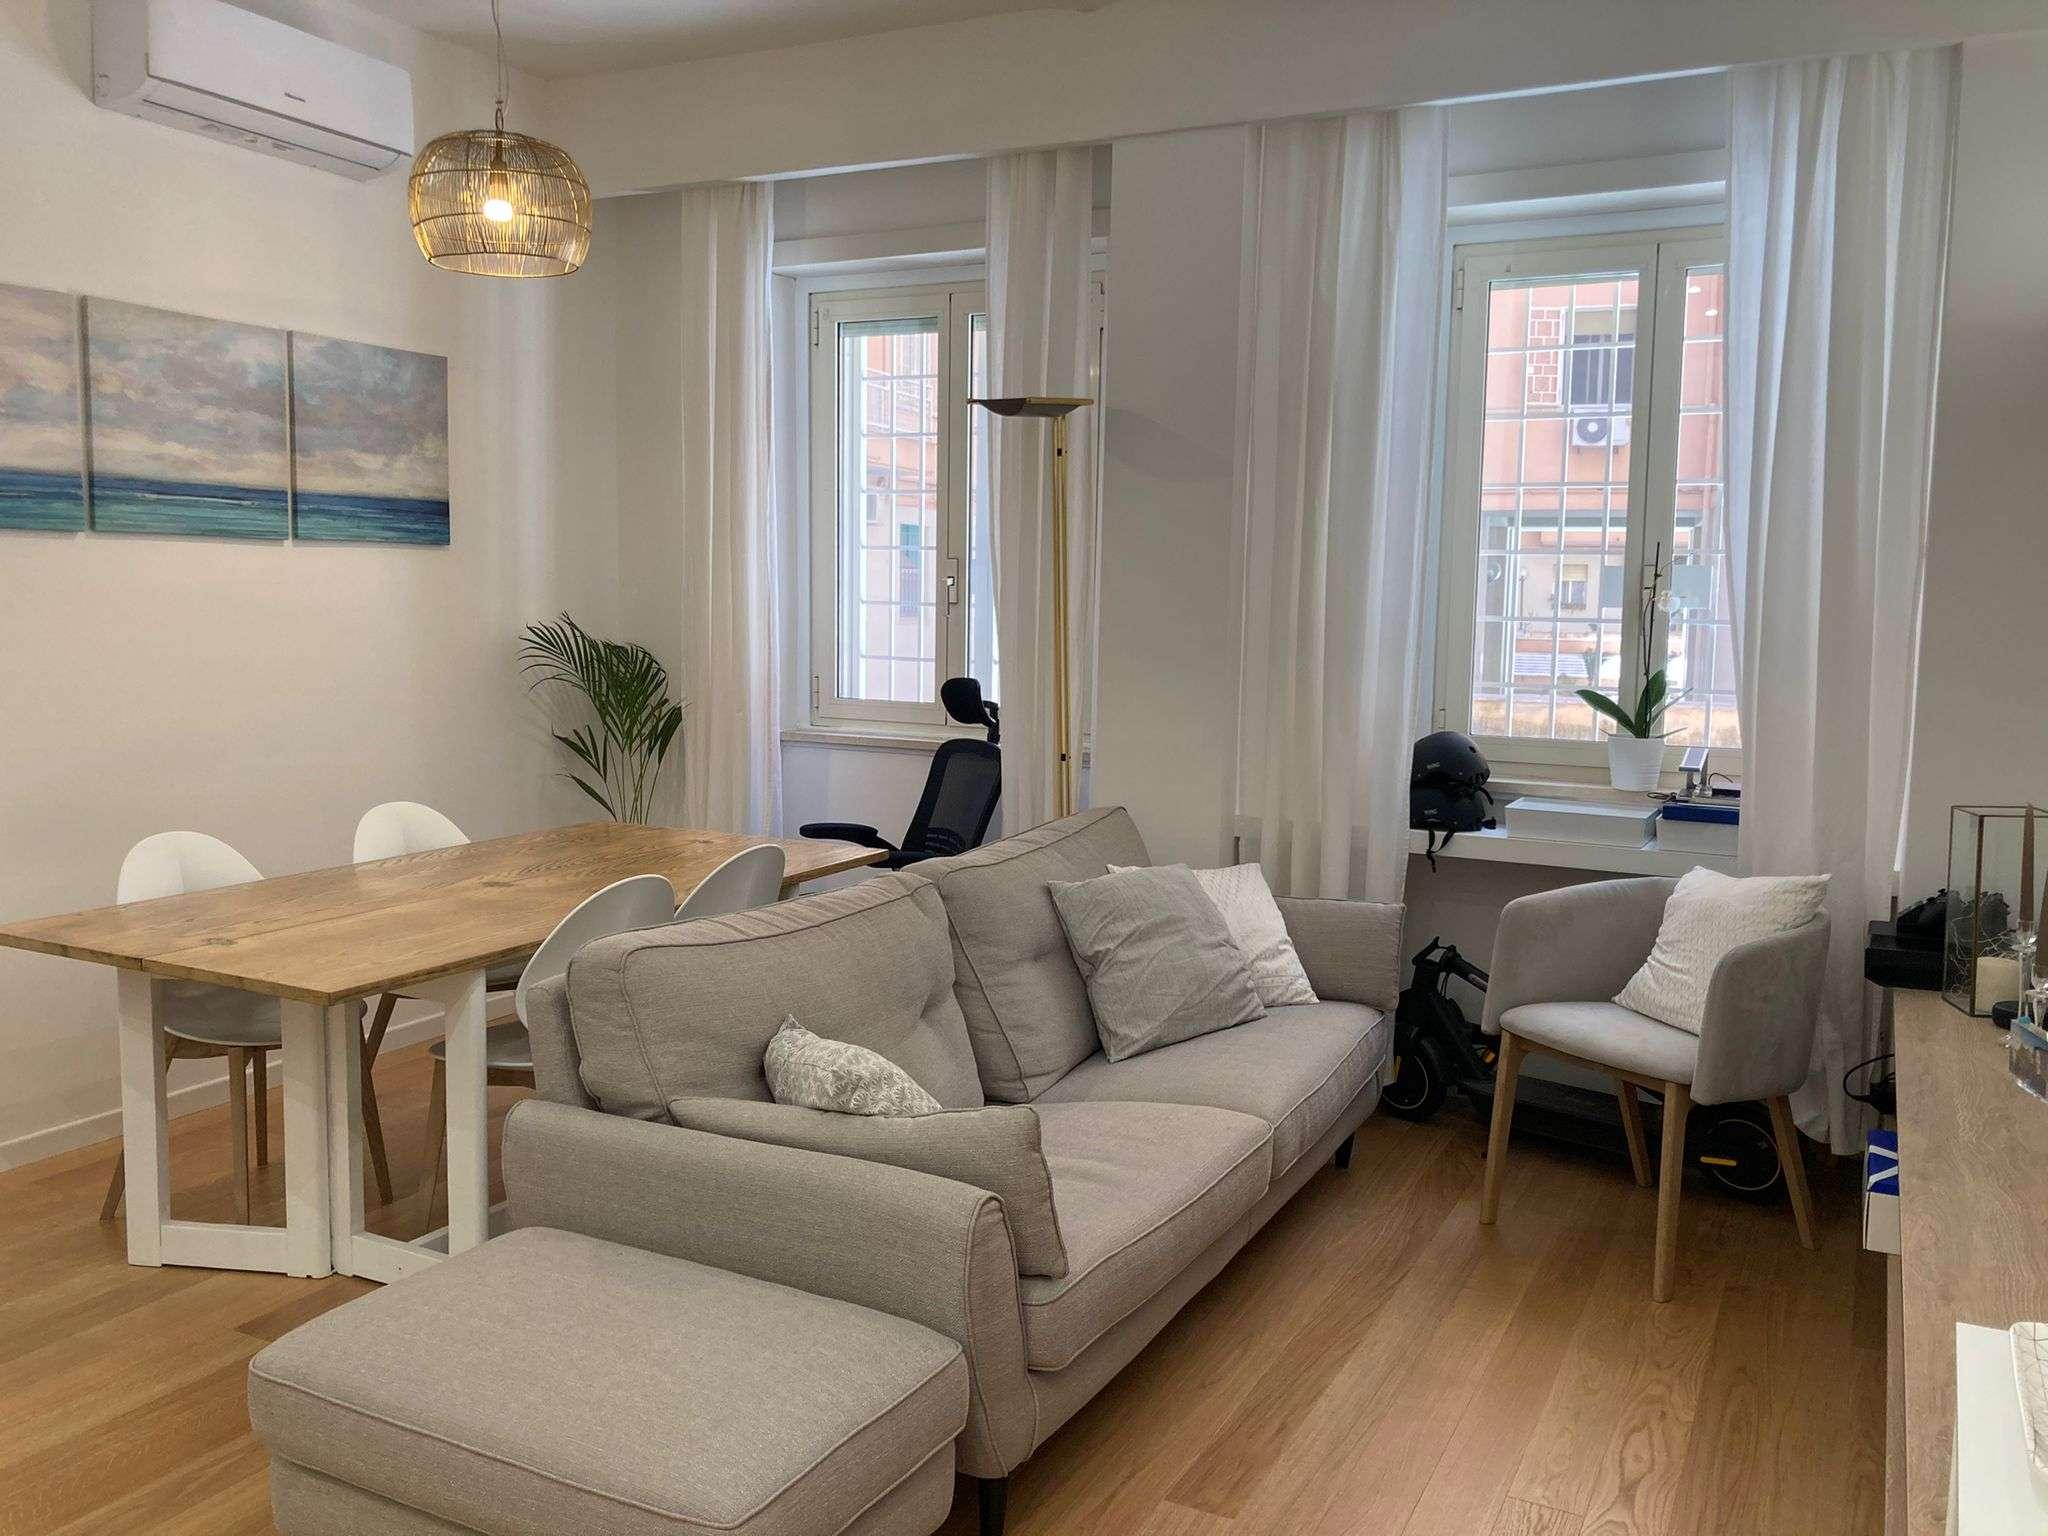 Appartamento in vendita a Roma, 2 locali, zona Zona: 3 . Trieste - Somalia - Salario, prezzo € 355.000 | CambioCasa.it